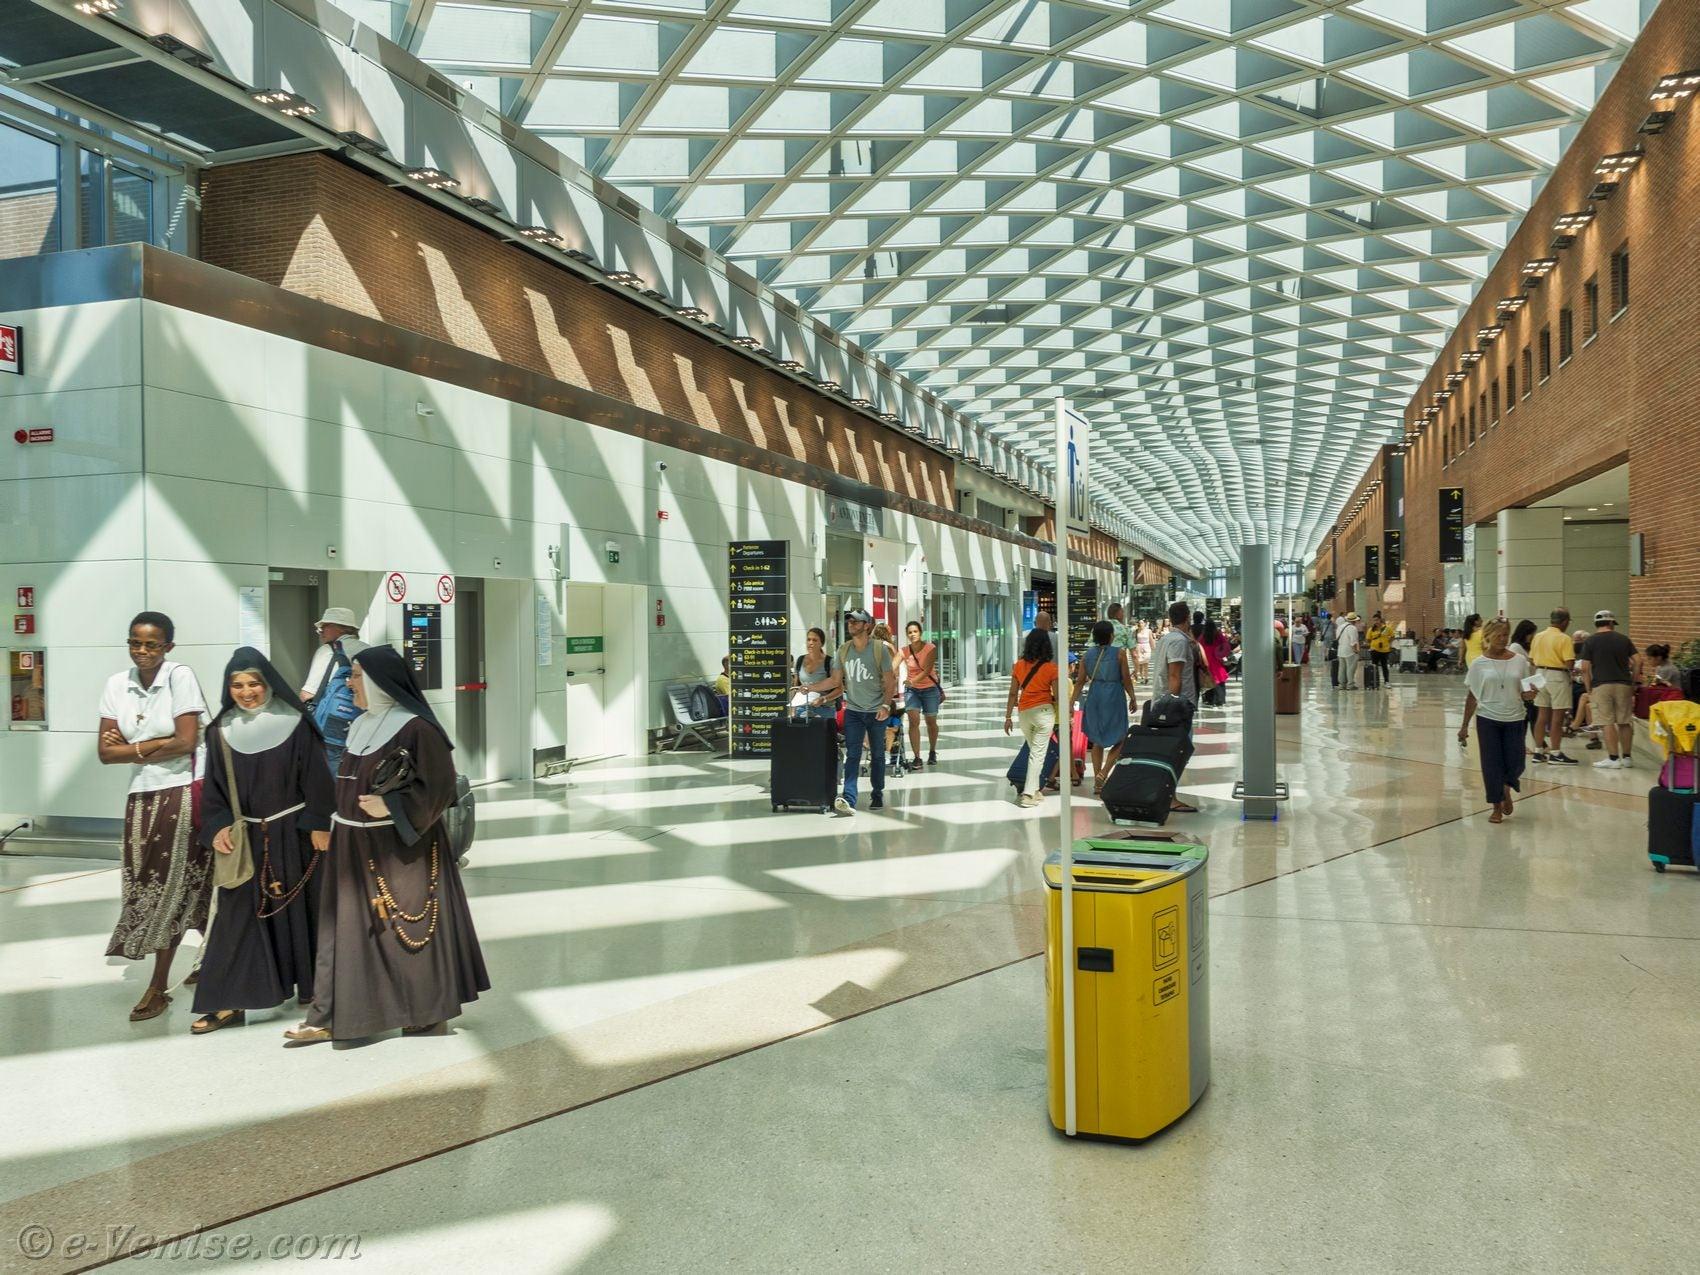 Bateaux Alilaguna Bateau Taxi Aeroport Plan Venise